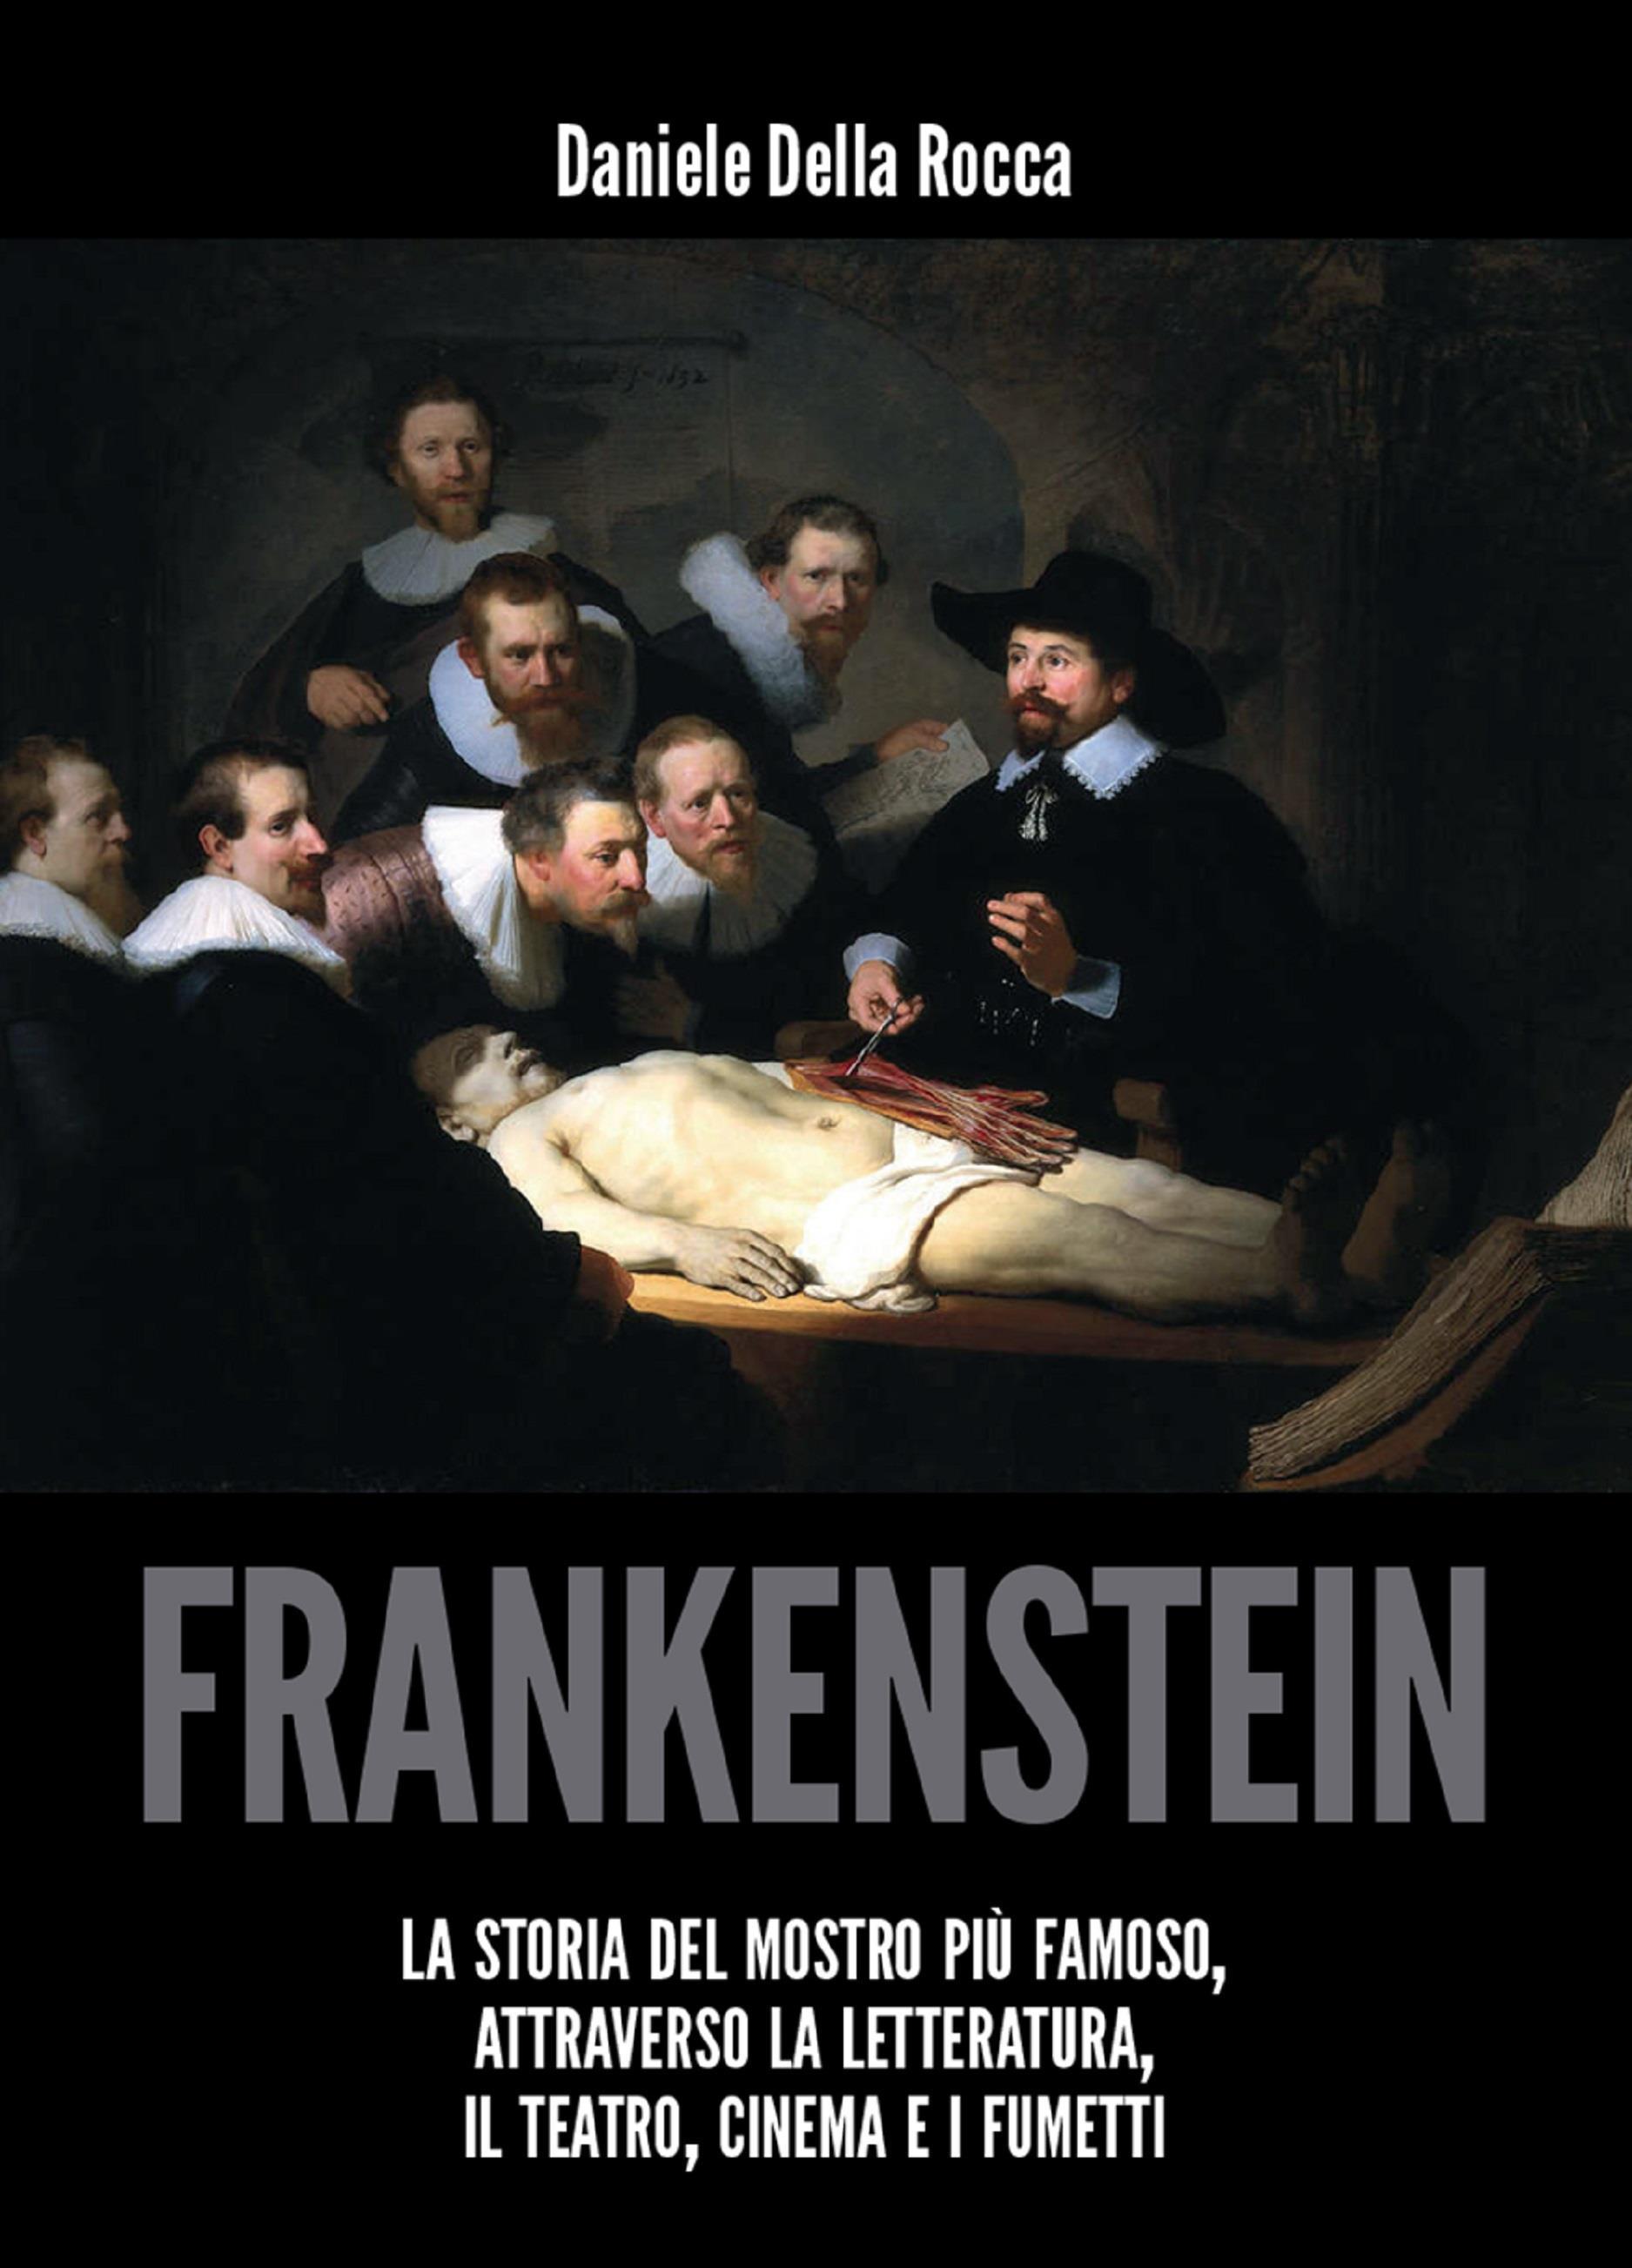 Frankenstein - La storia del mostro più famoso attraverso la letteratura, il teatro, cinema e i fumetti.